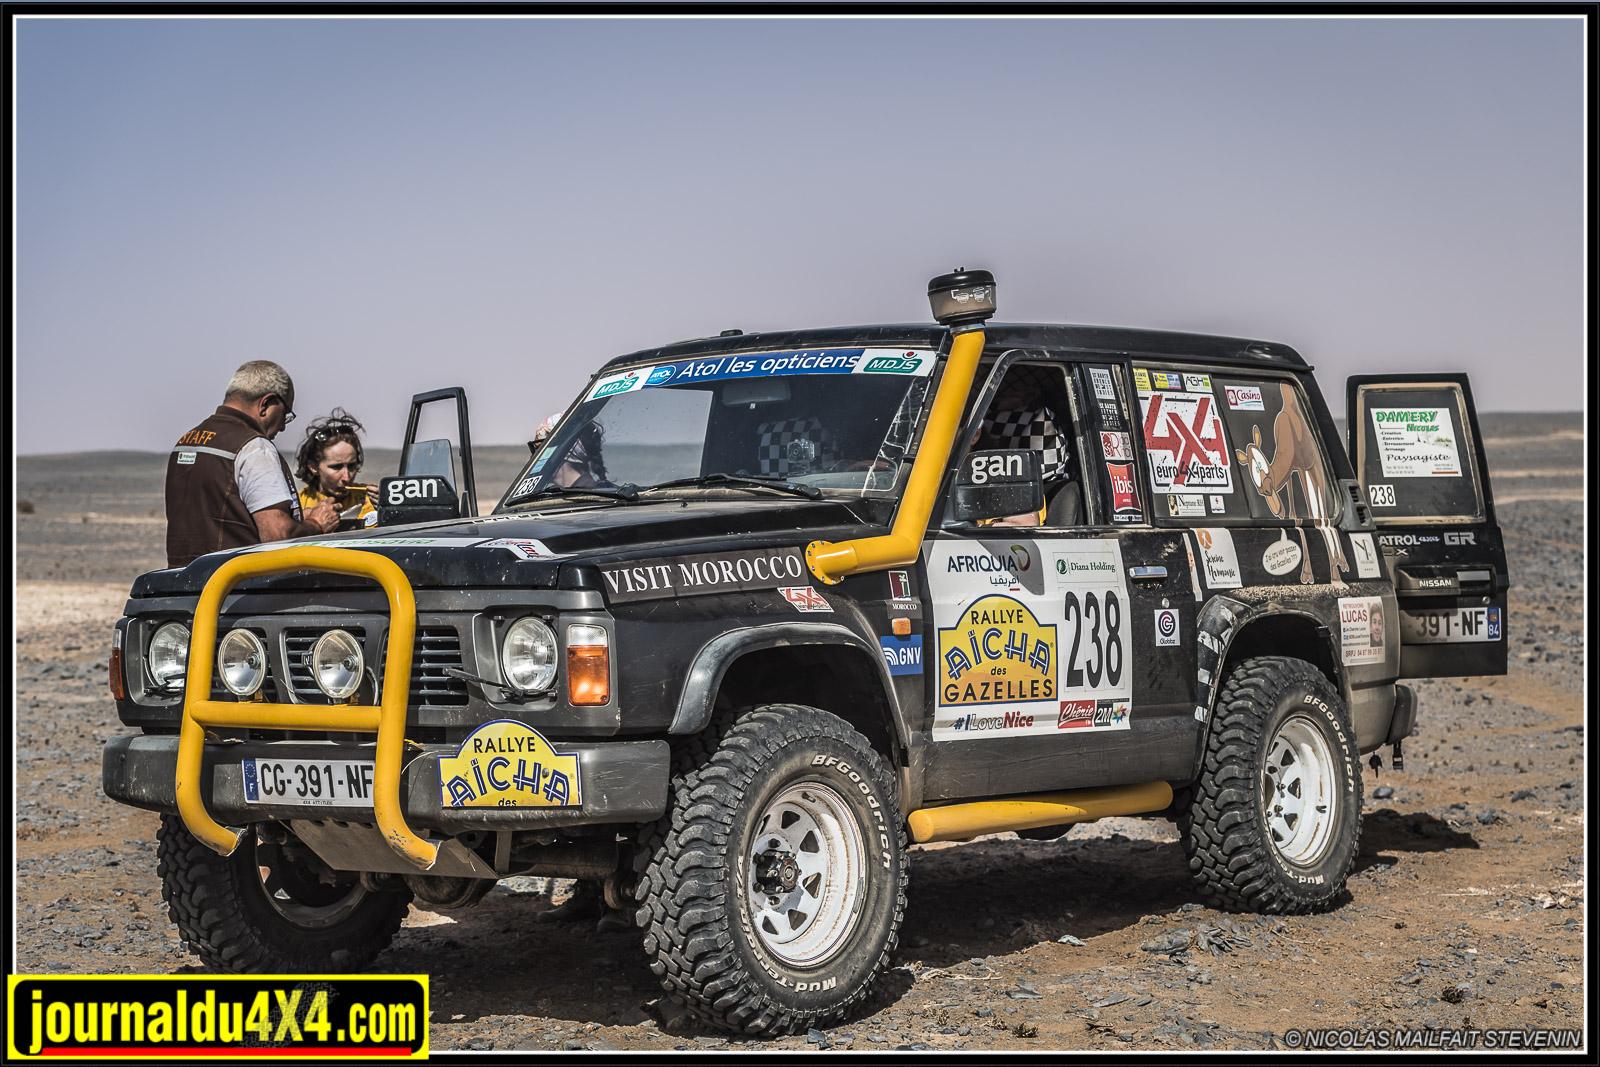 rallye-aicha-gazelles-maroc-2017-7890.jpg